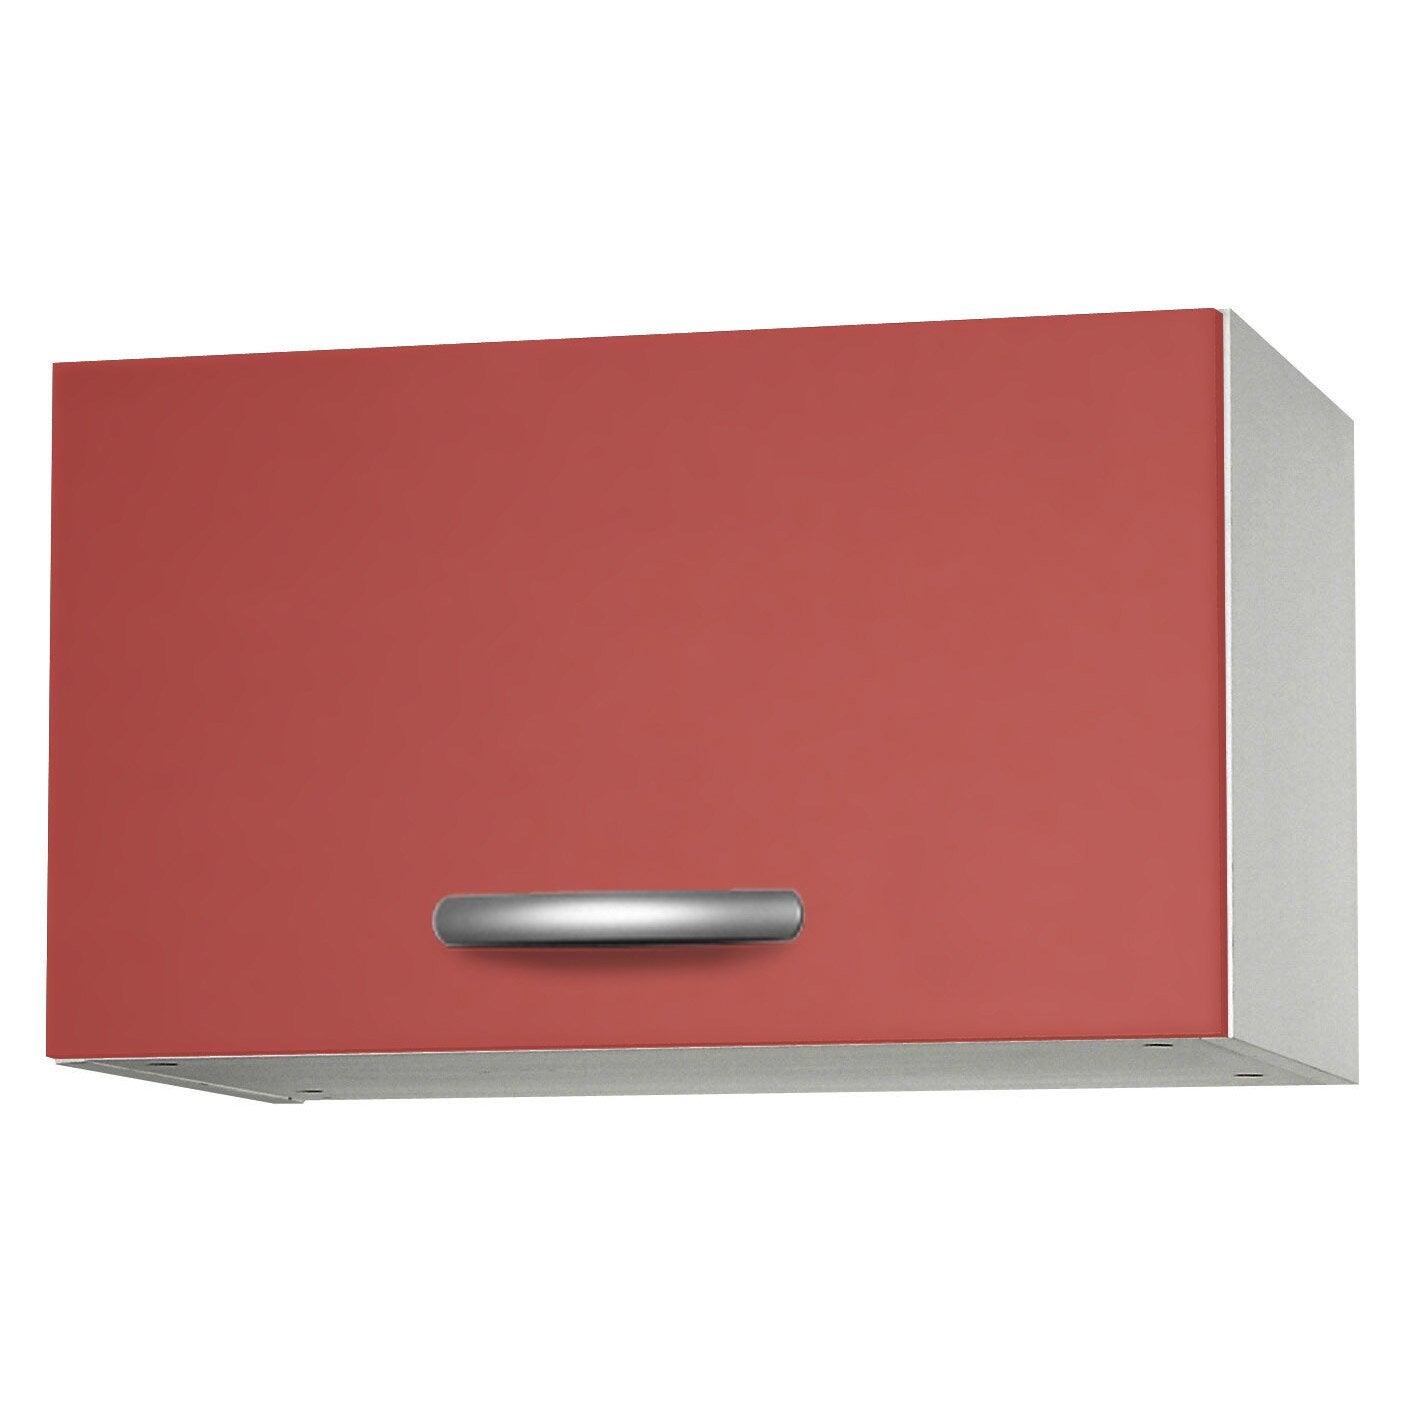 Meuble de cuisine haut 1 porte rouge h35 x l60 x p35 cm for Meuble porte rouge